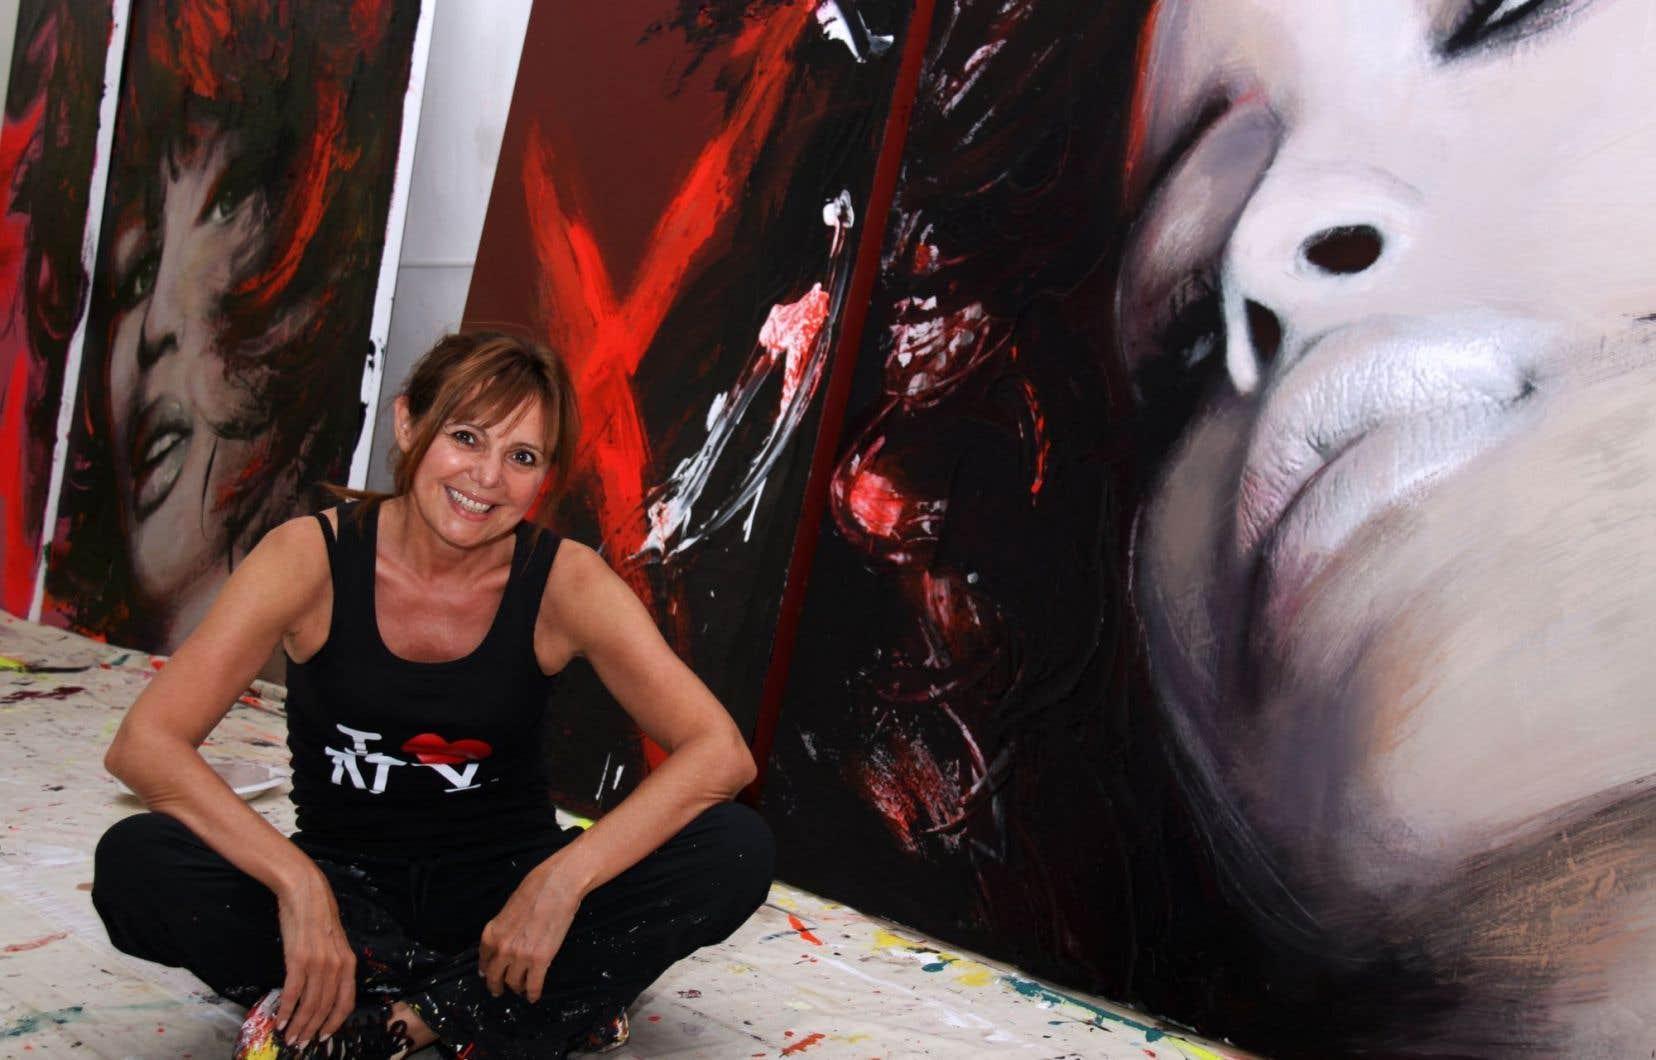 L'artiste peintre québécoise Corno dans son atelier